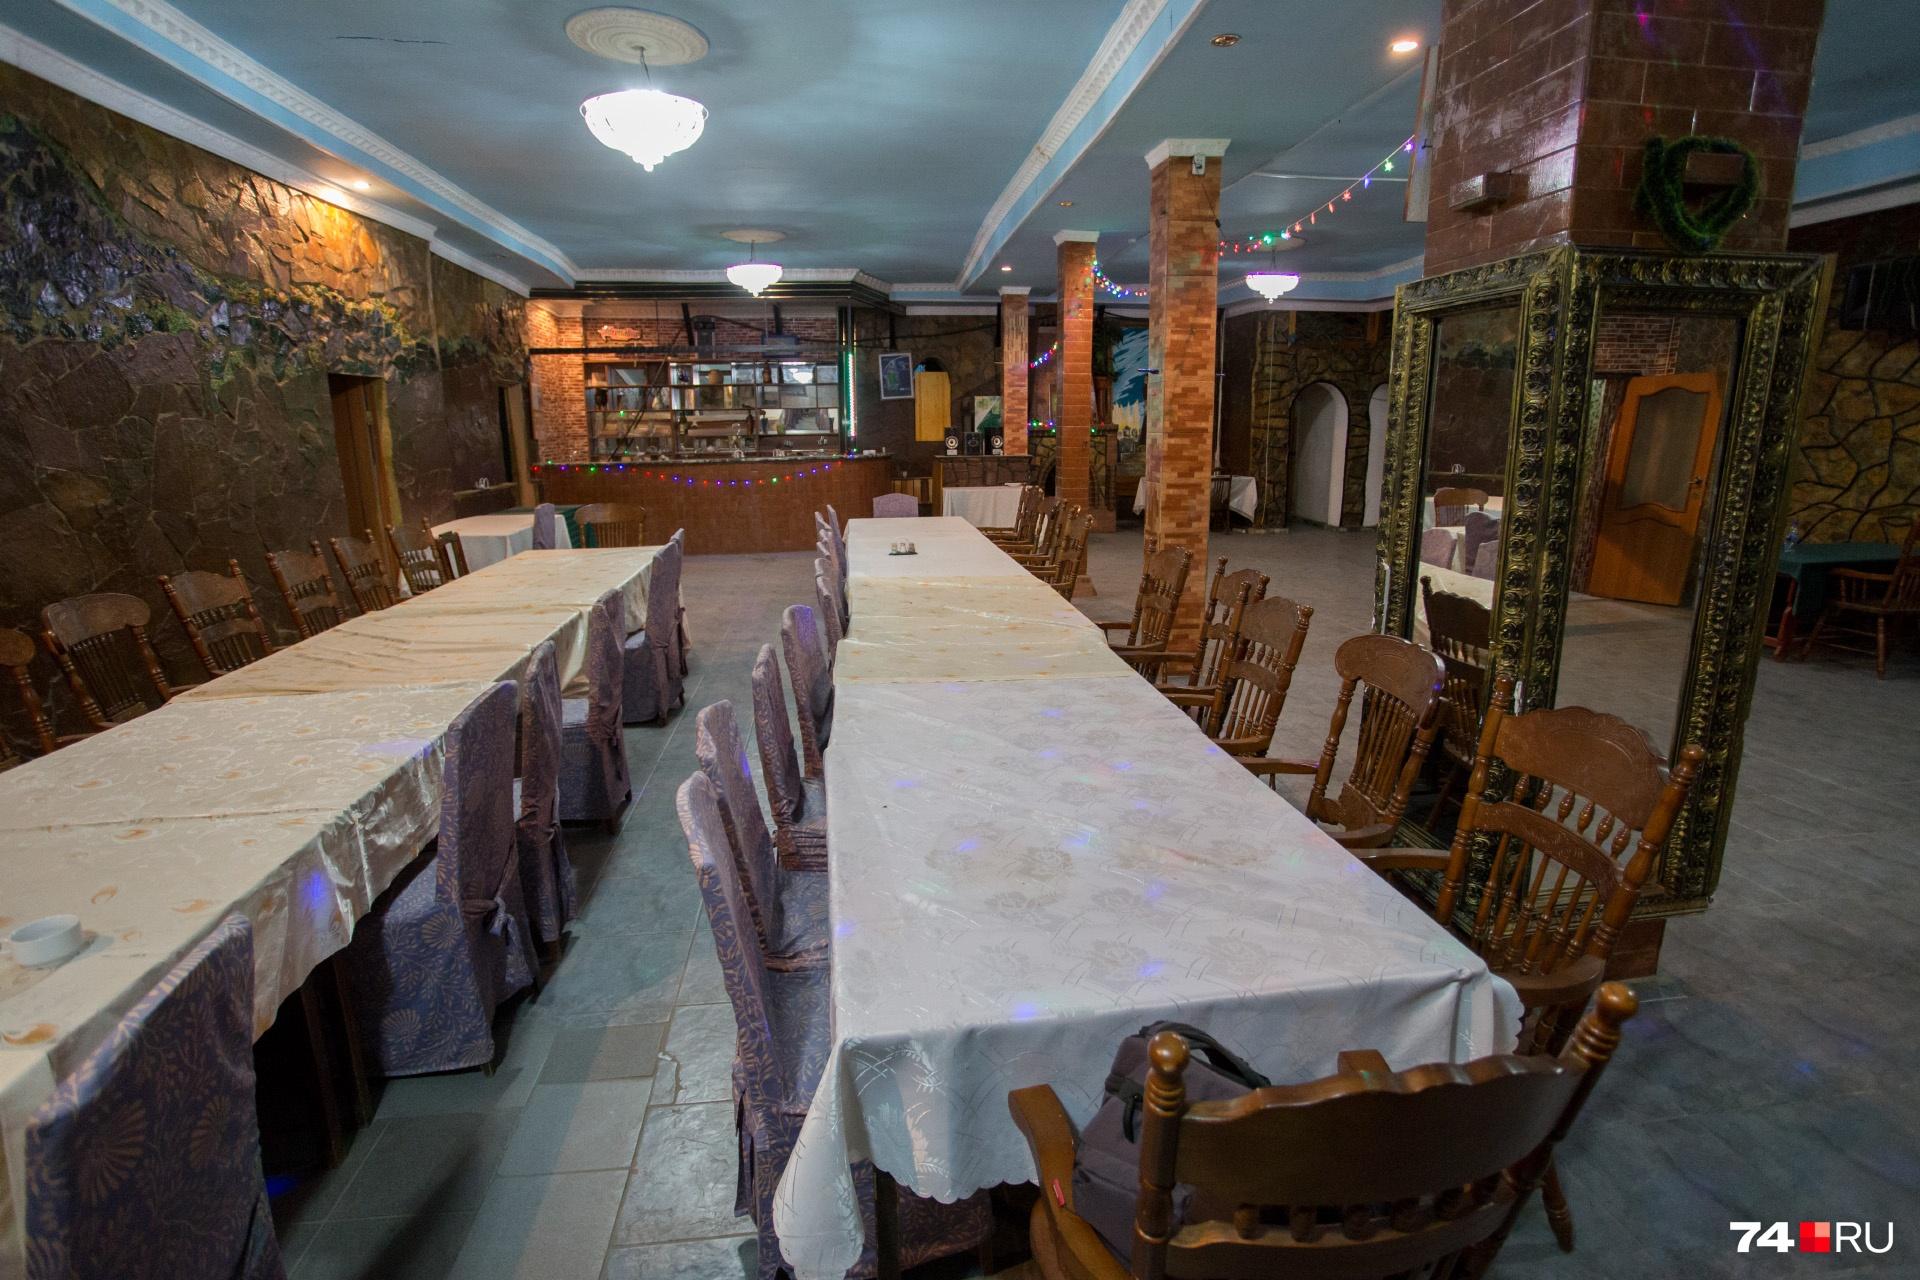 А в День Победы проводят обеды для ветеранов. Но особого социального значения в деятельности грузинского центра власти не видят